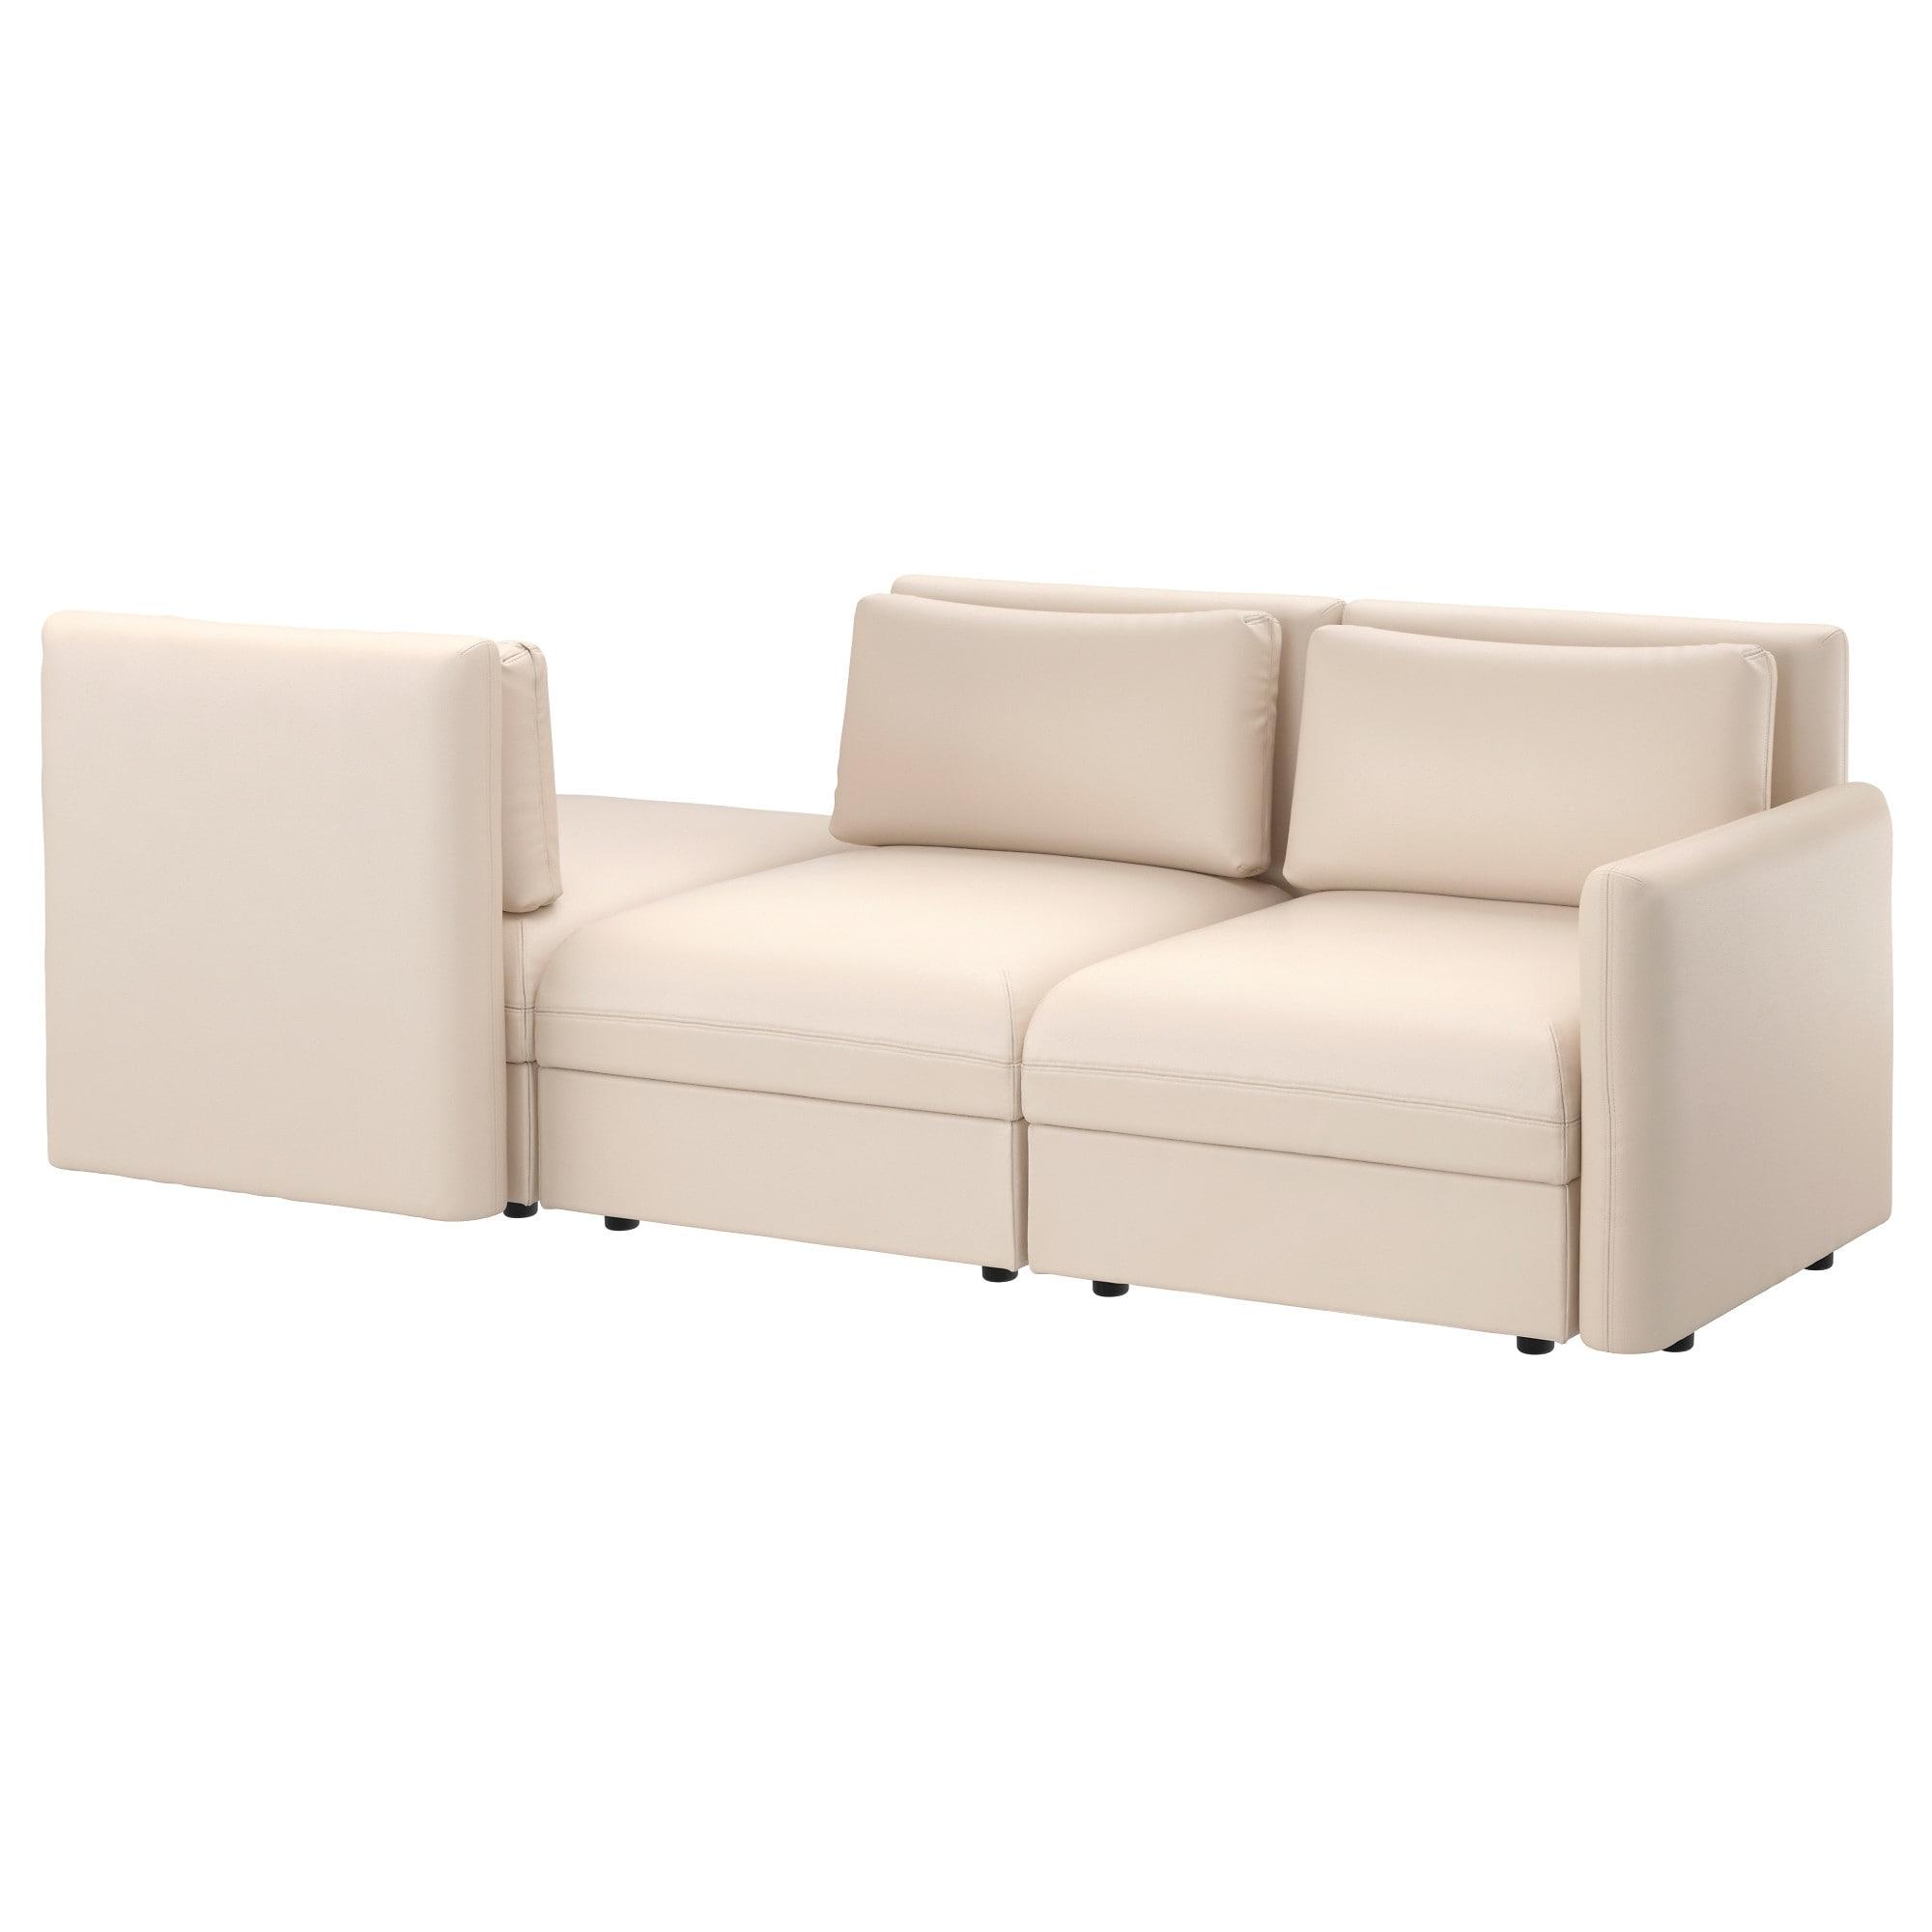 Vallentuna Ikea Avis Unique Images Ikea 3 Seat sofa